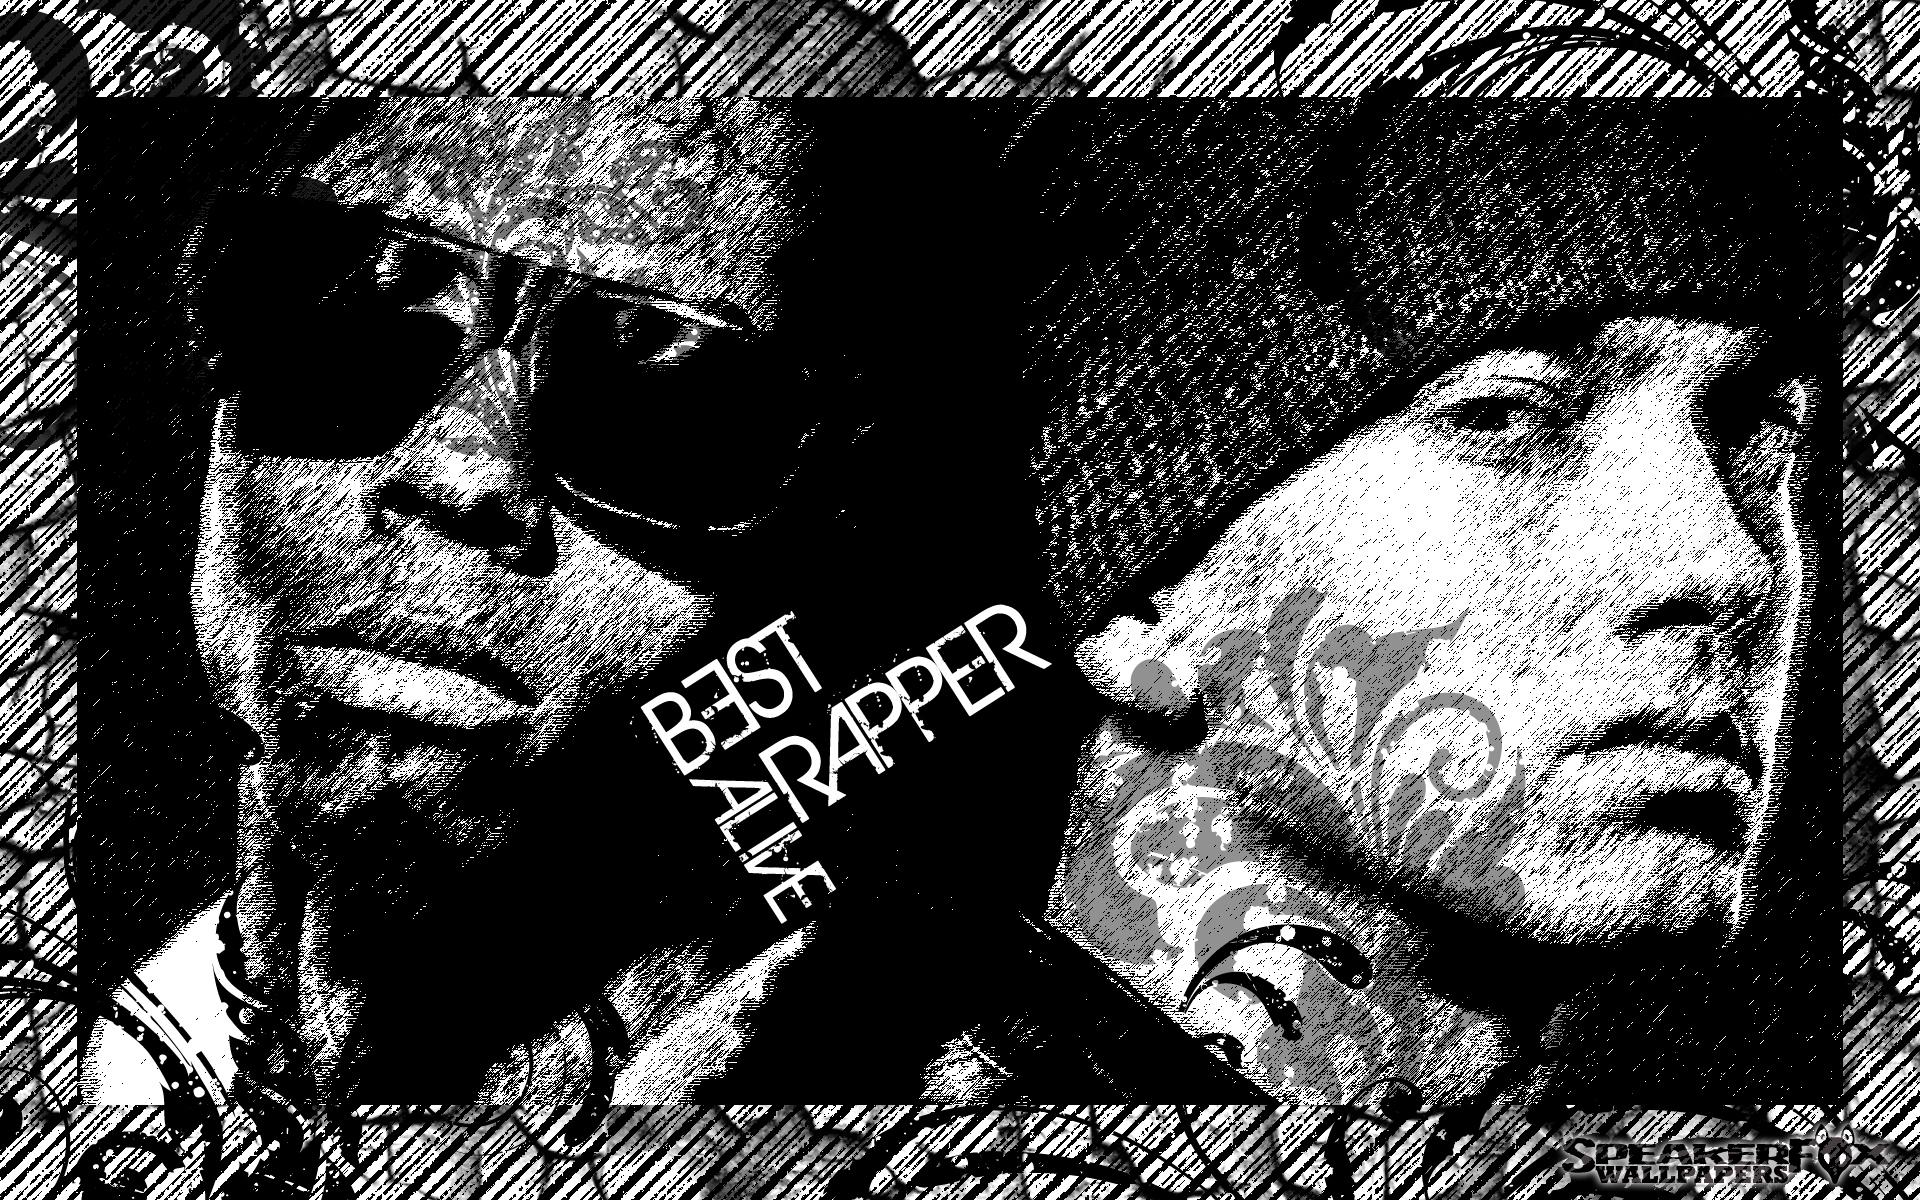 EMINEM SLIM SHADY hip hop hip hop rap lil wayne wallpaper 1920x1200